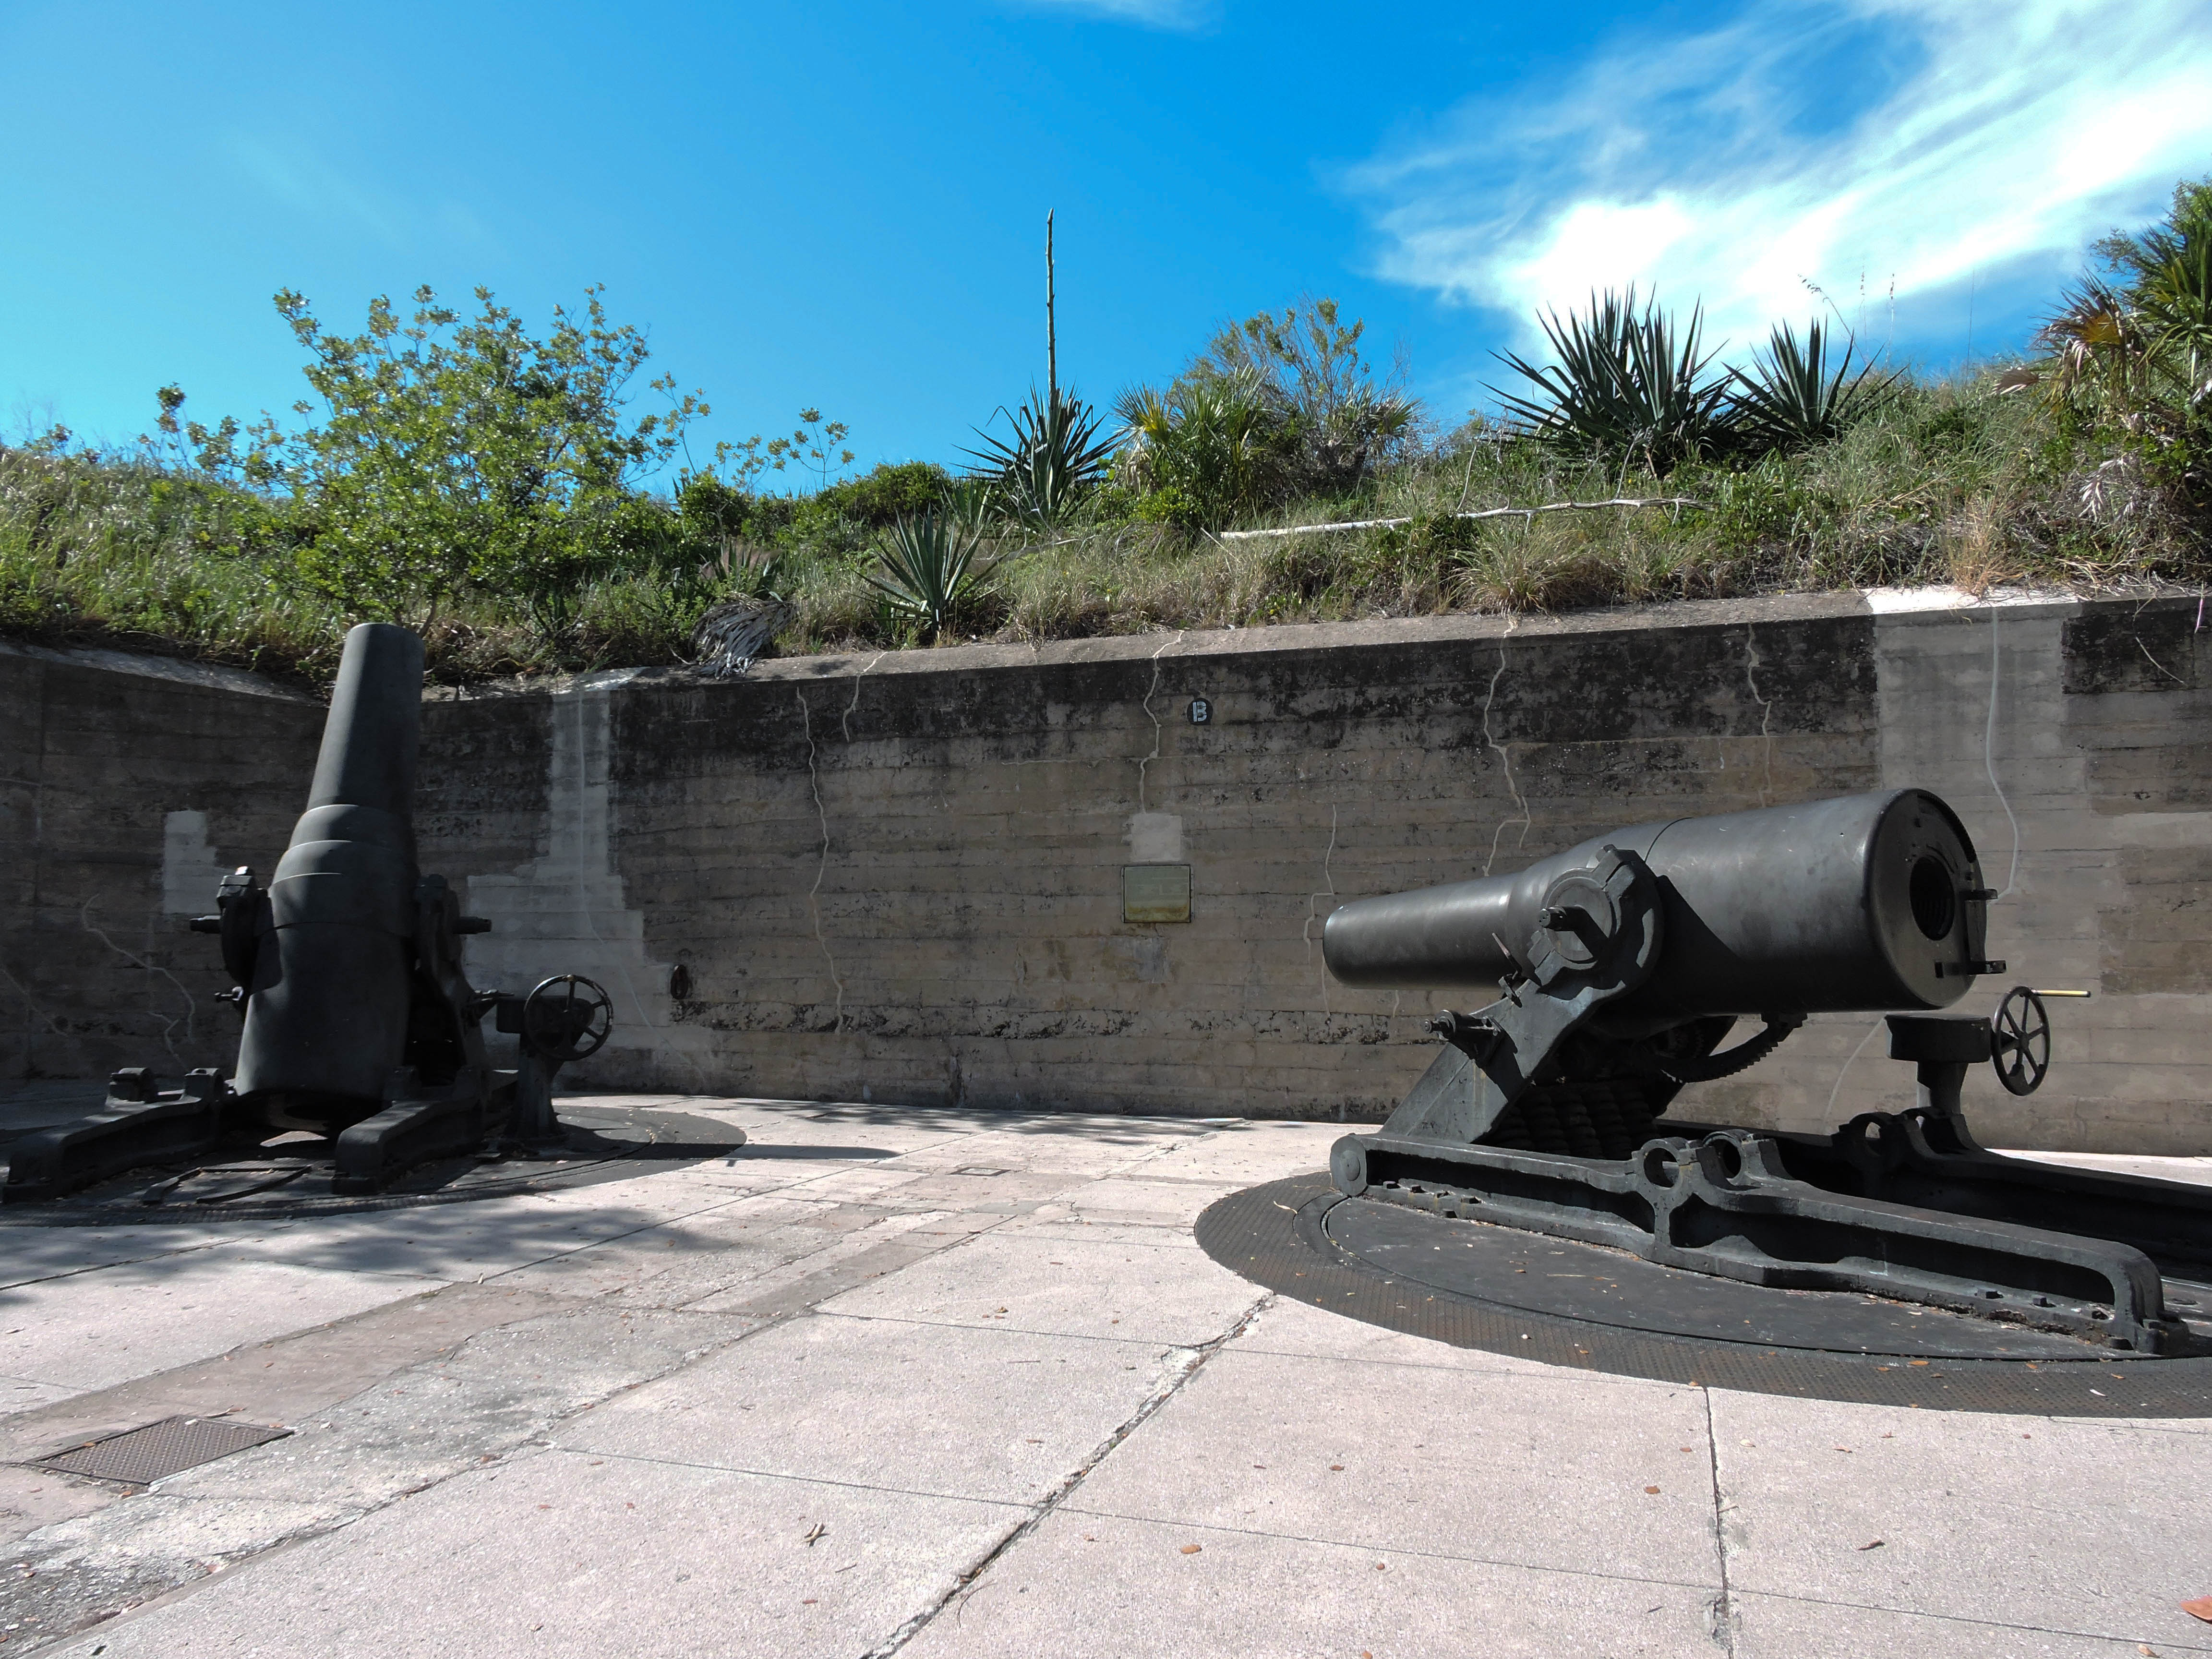 Fort de Soto Cannons